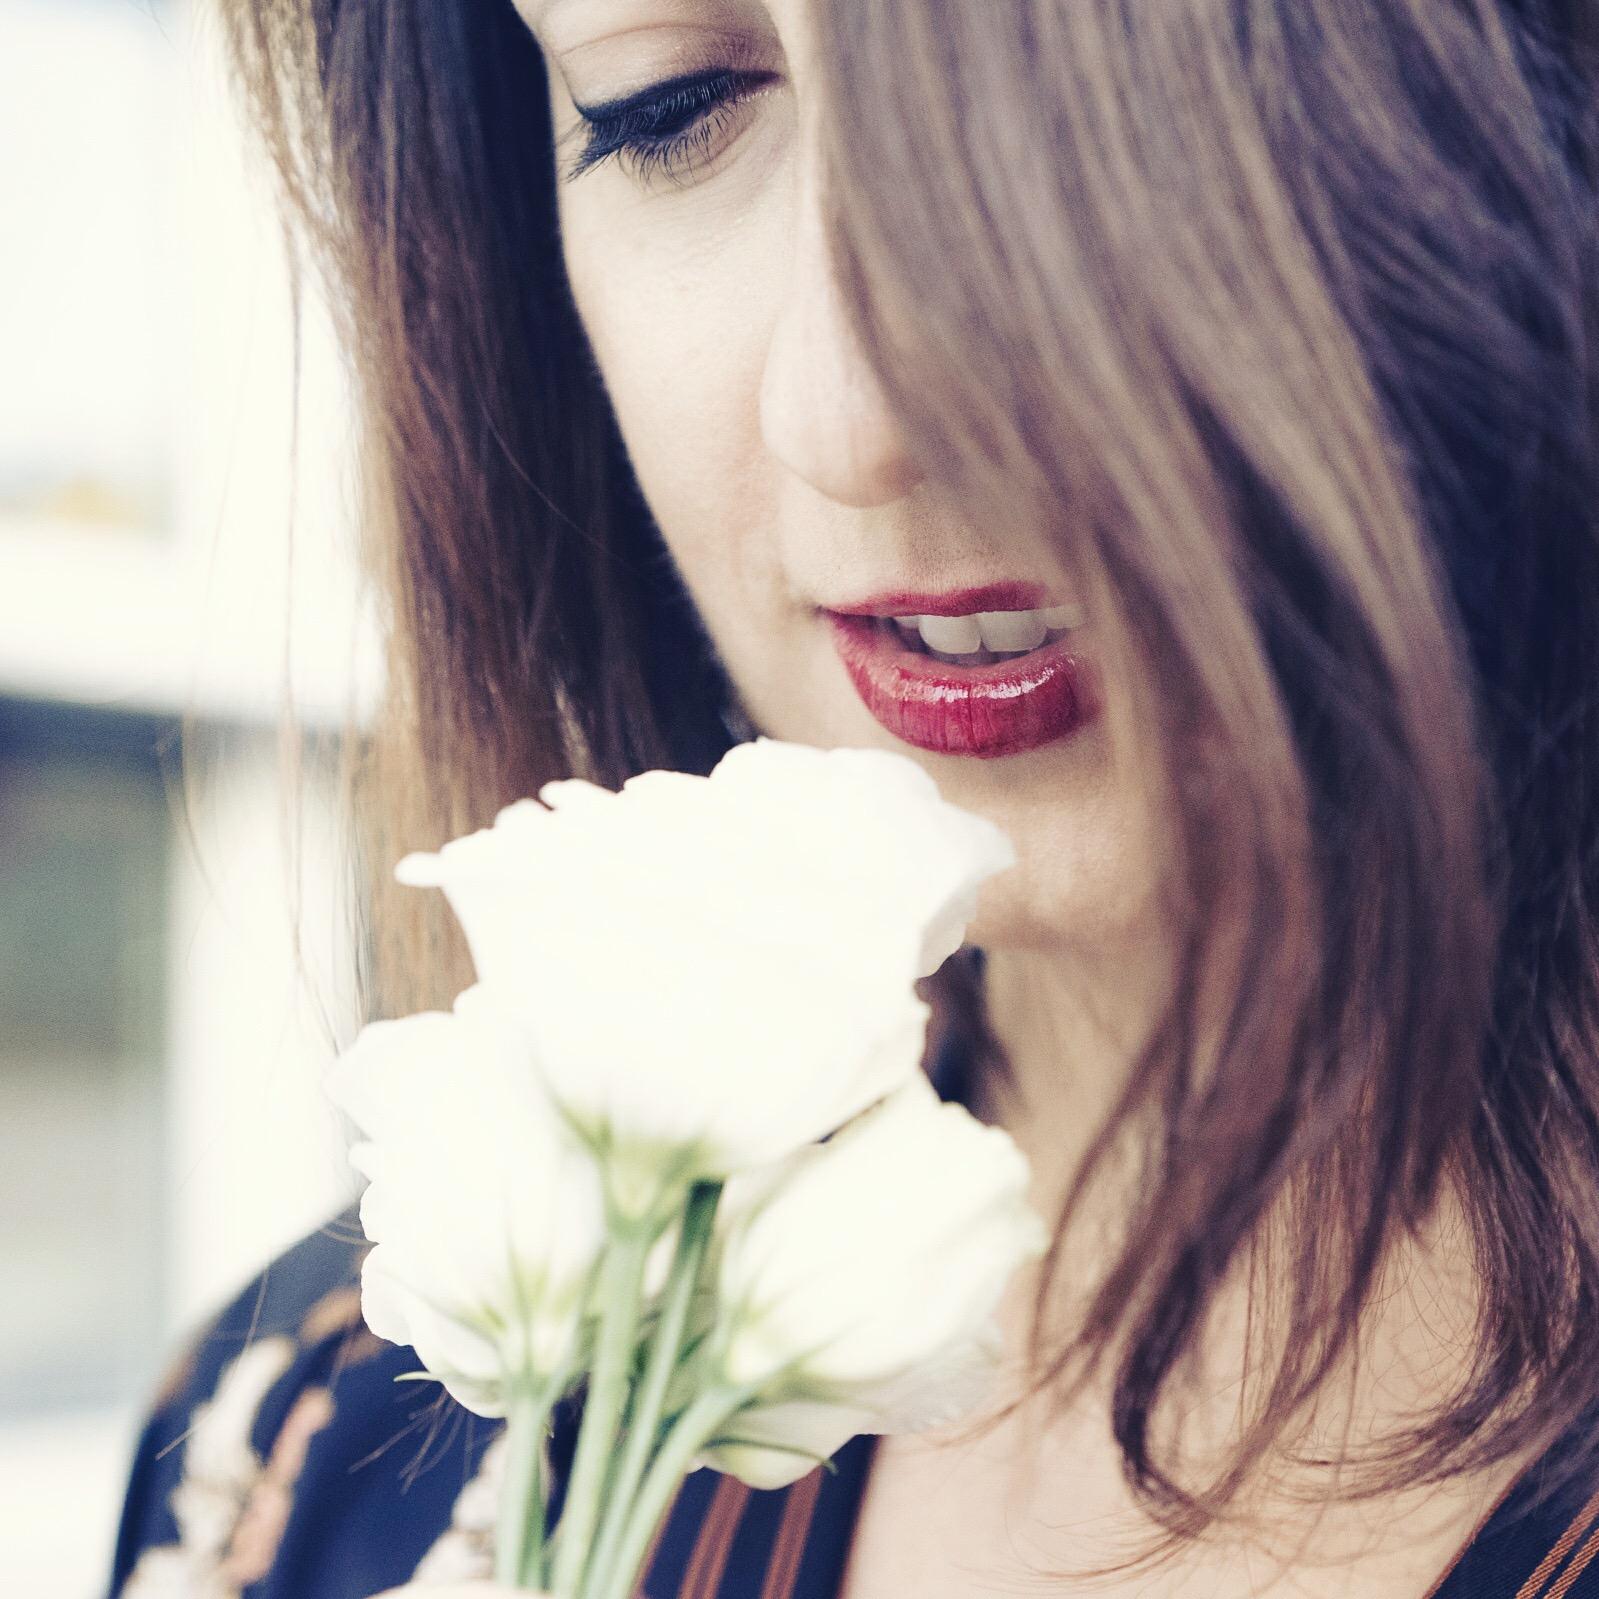 Intervista I am flowerista